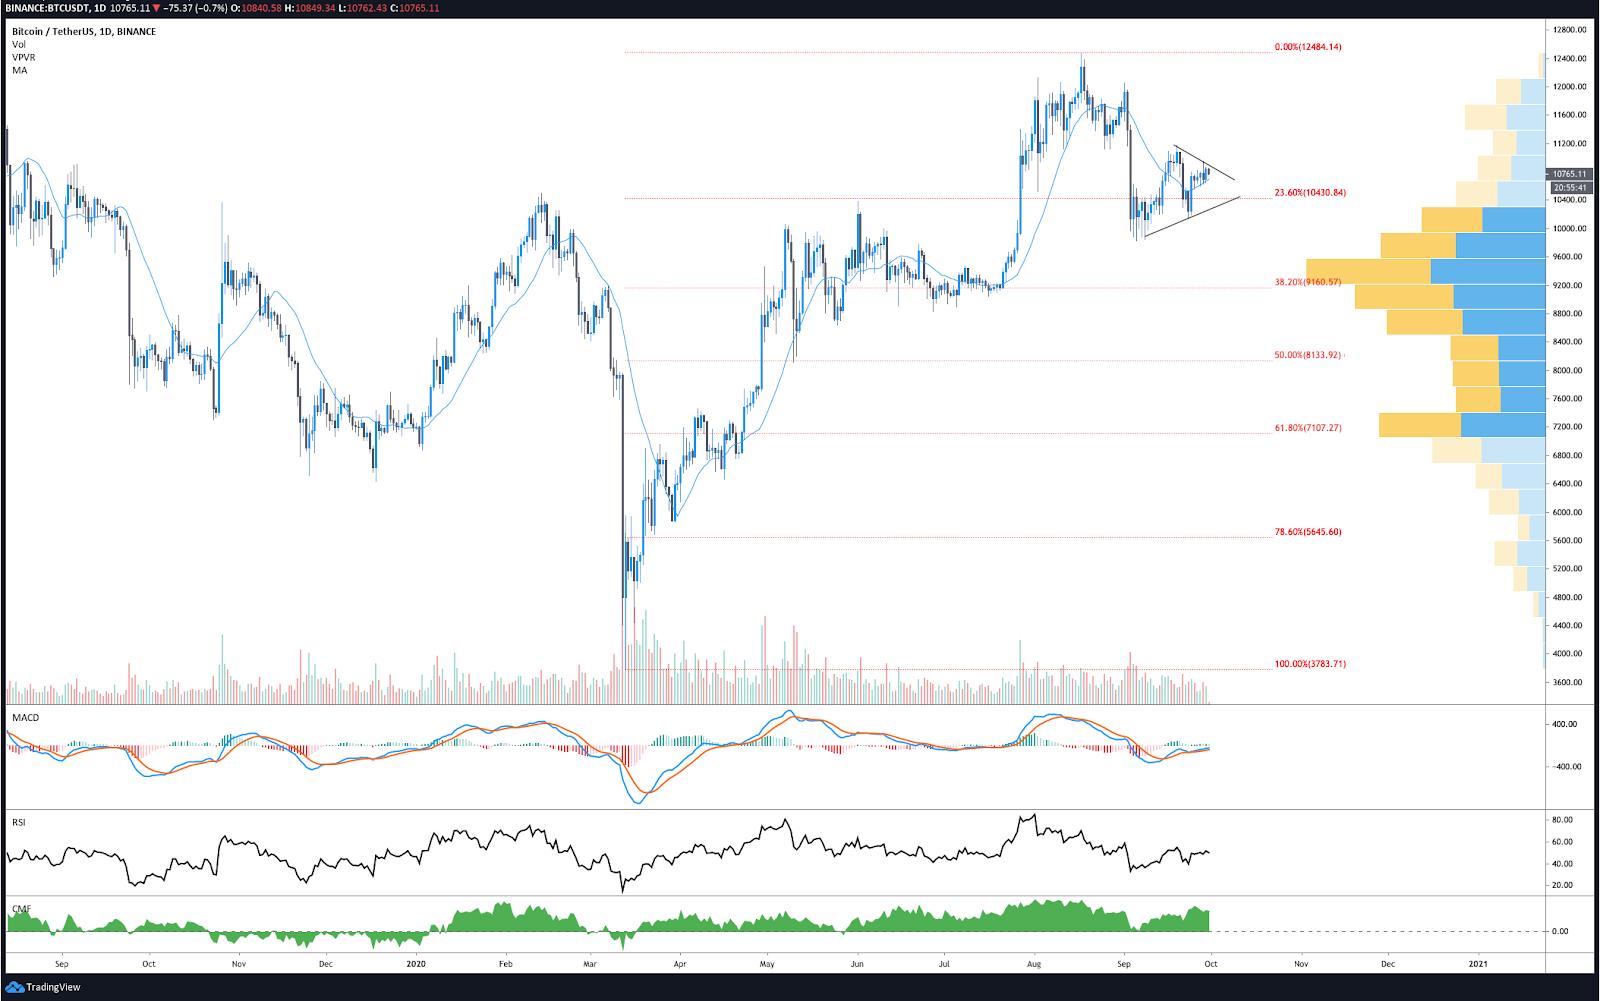 BTC/USDT Tageschart